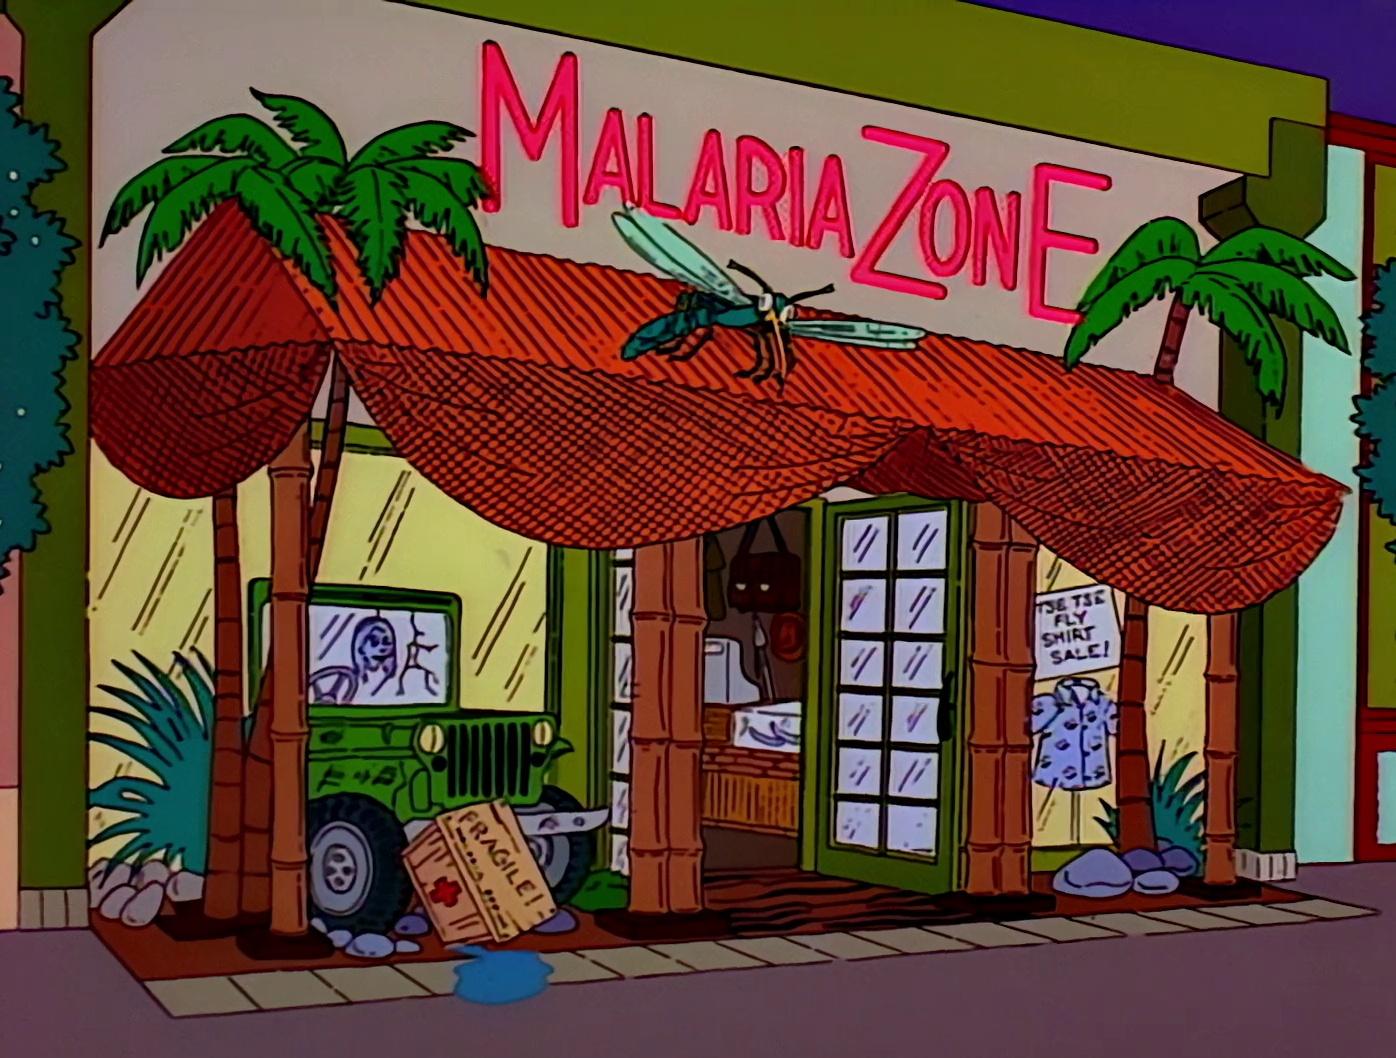 File:Malaria Zone.jpg